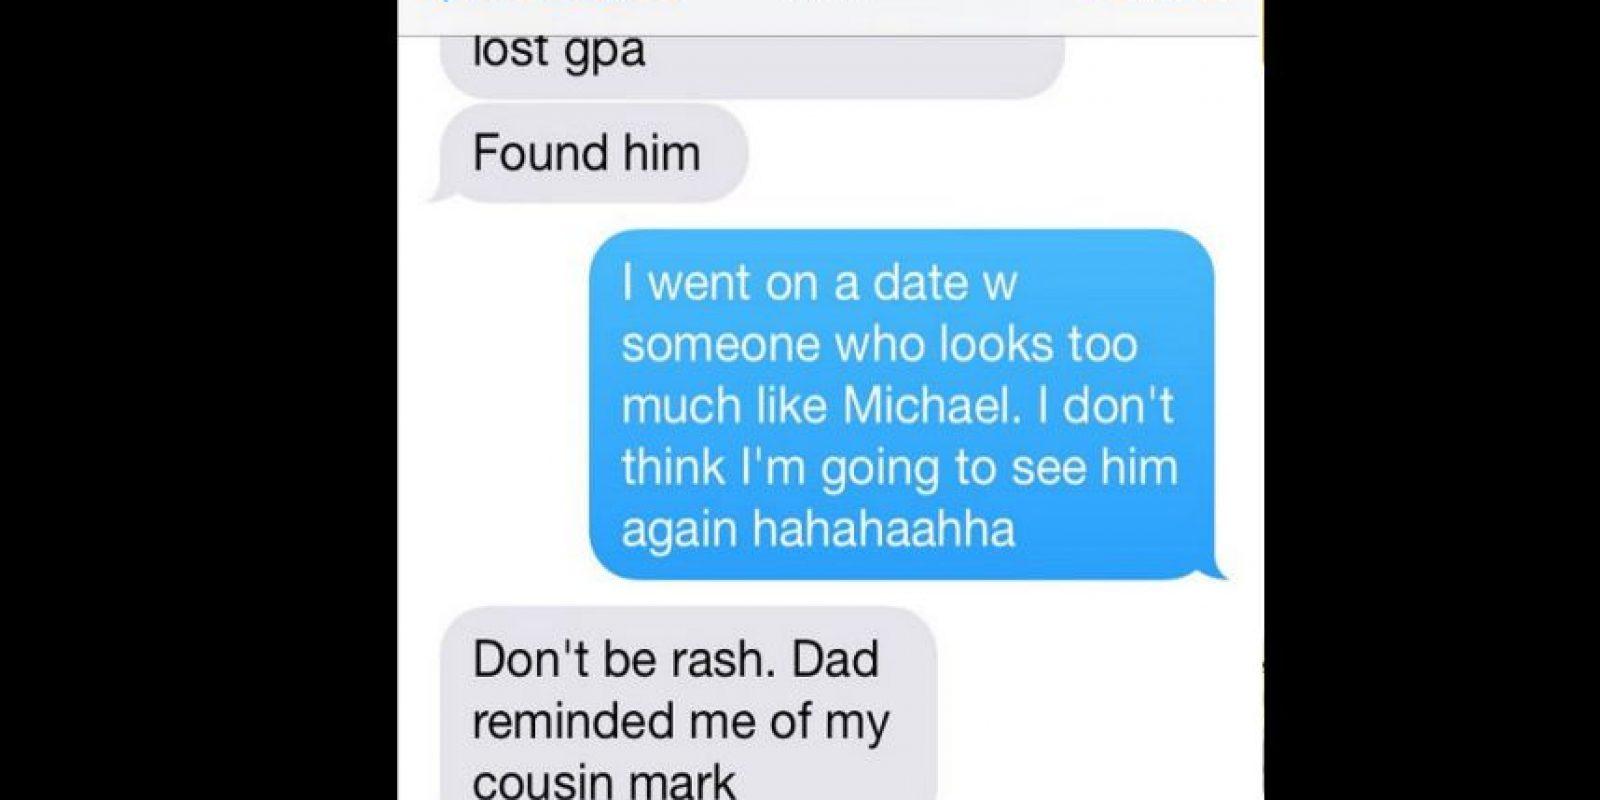 """Mamá: """"Encuéntralo"""". Hija: """"Fui a una cita con alguien que se parece mucho a Michael. Creo que no lo voy a ver de nuevo (risas)"""". Mamá: """"No seas arrogante, tú papá me recordaba a mi primo Mark"""" Foto:instagram.com/crazyyourmom/"""